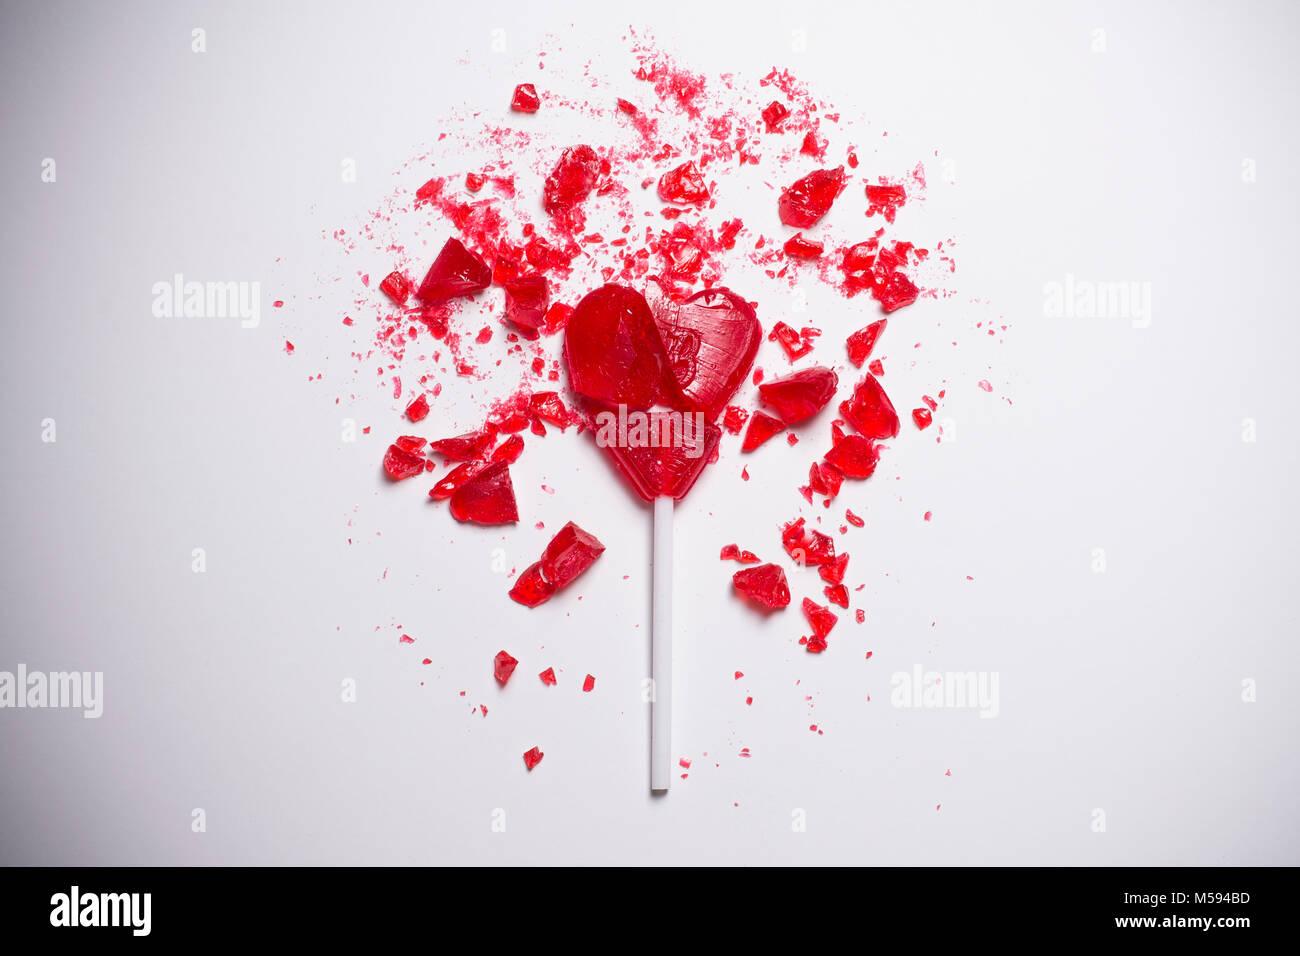 Broken Heart shaped lollipop Photo Stock